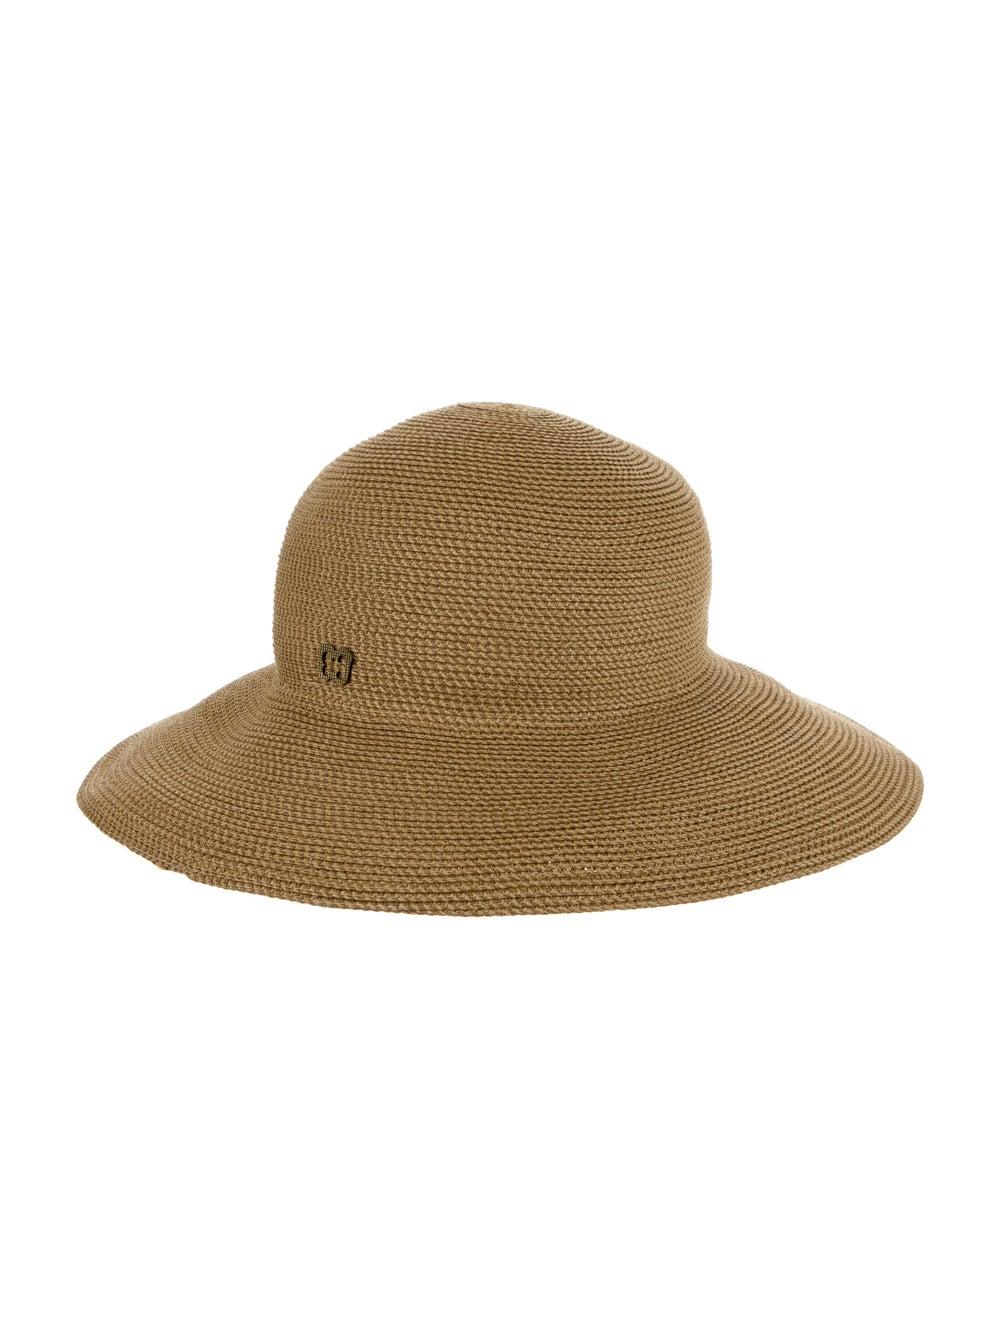 Eric Javits Wide Brim Hat Tan - image 2